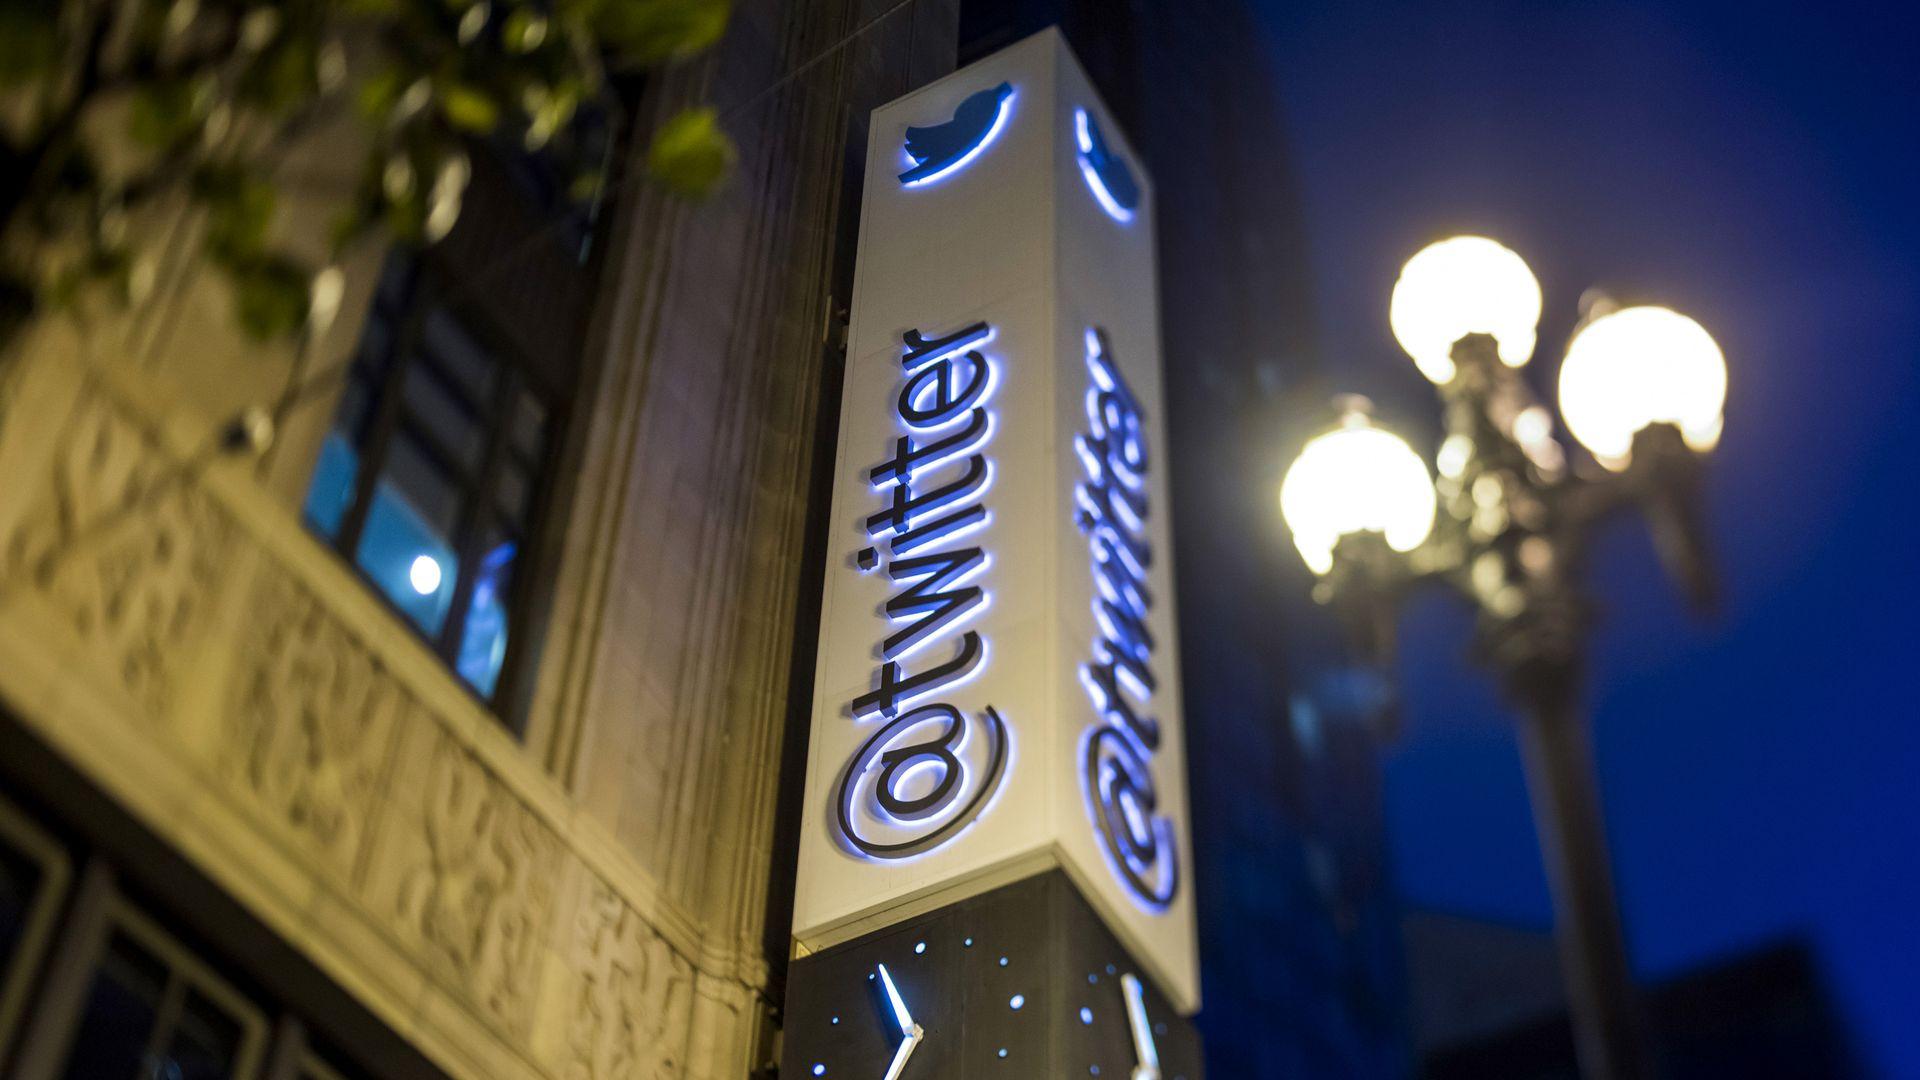 Twitter signage